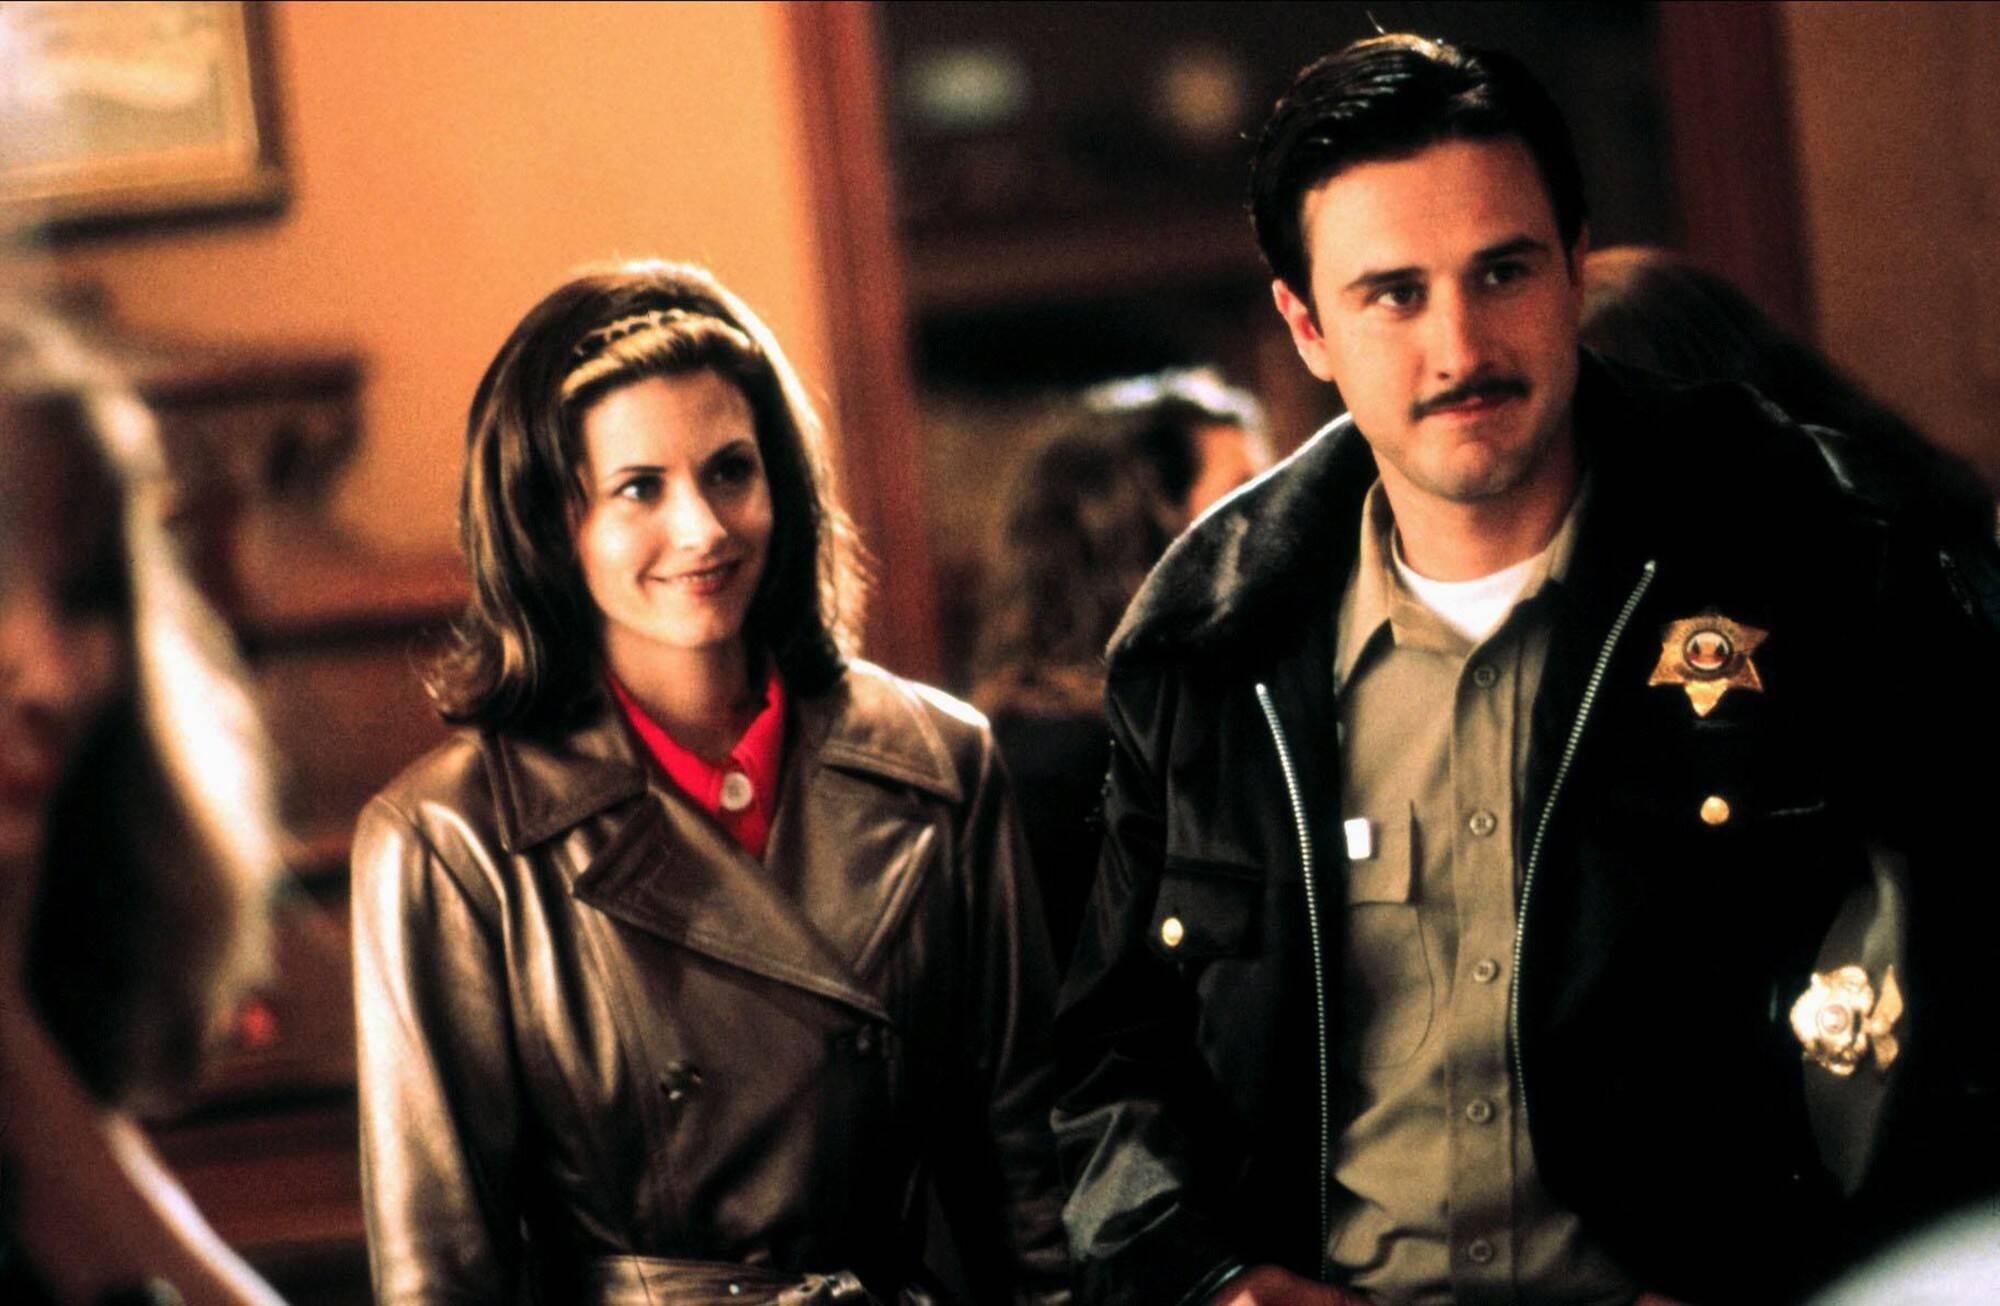 David Arquette fazia par romântico com personagem de Courteney Cox, a jornalista Gale Weathers. Foto: Divulgação